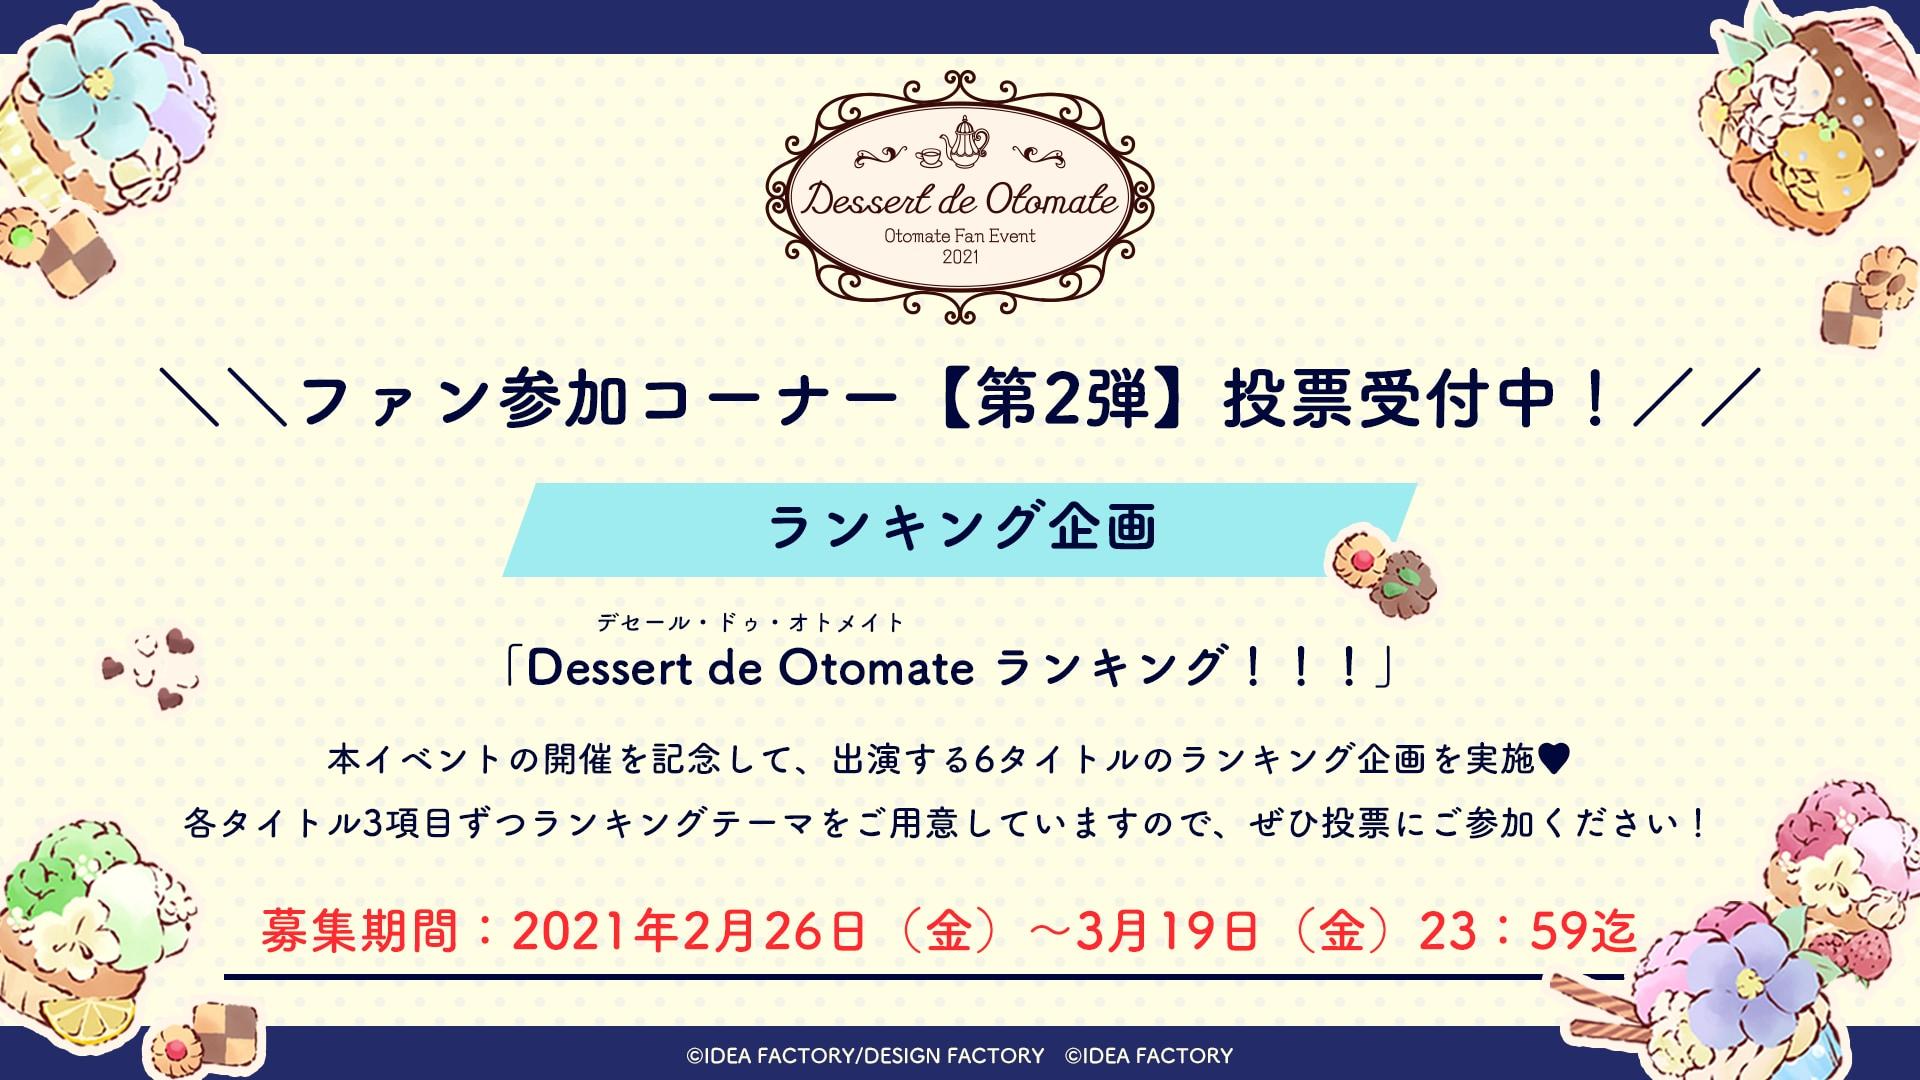 """オトメイトのファンイベント「Dessert de Otomate」ファン参加コーナー第2弾""""ランキング企画""""が始動!"""